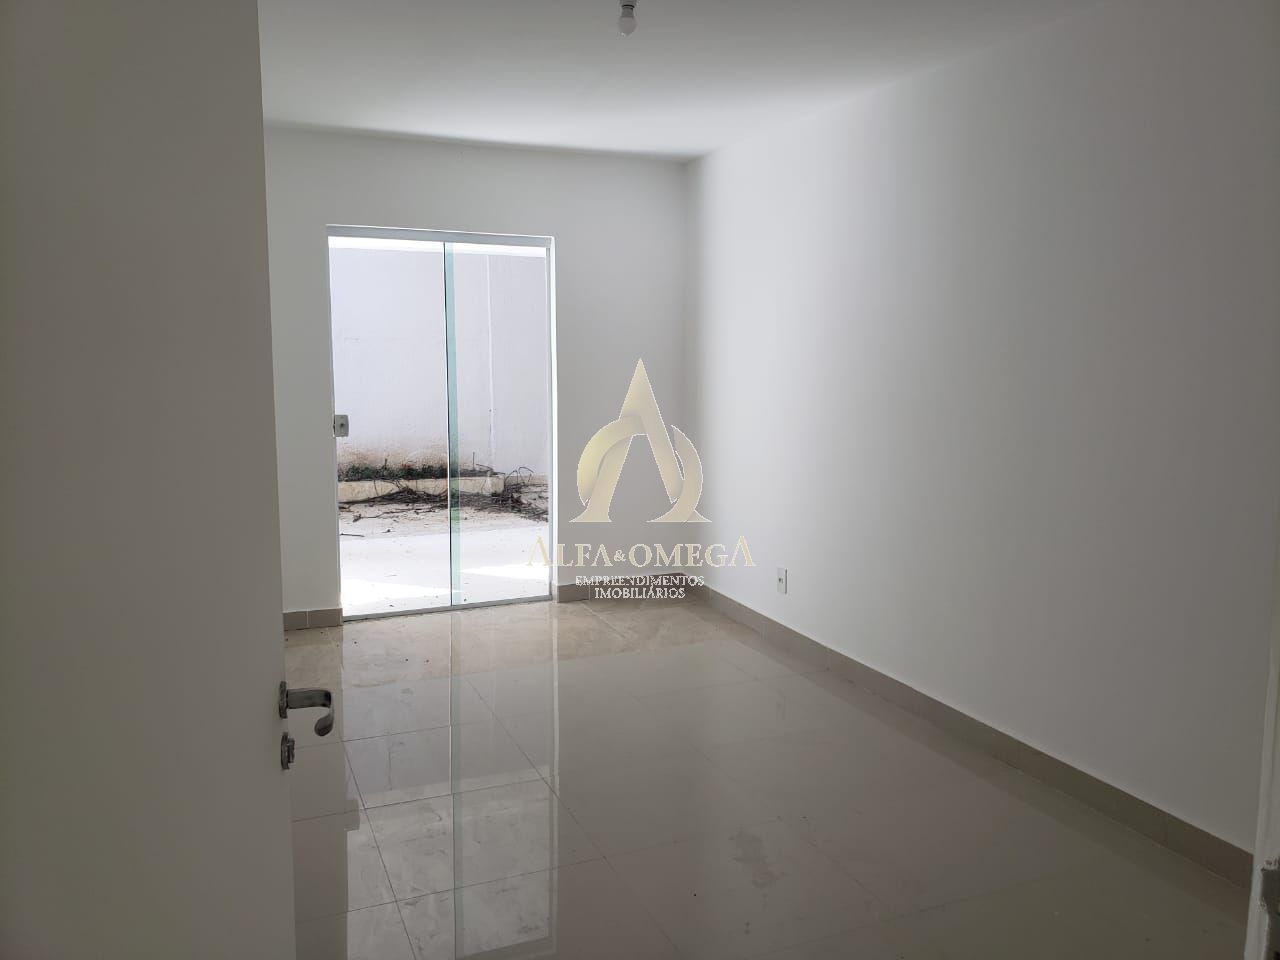 FOTO 12 - Casa 5 quartos à venda Barra da Tijuca, Rio de Janeiro - R$ 4.500.000 - AOJC60115 - 13